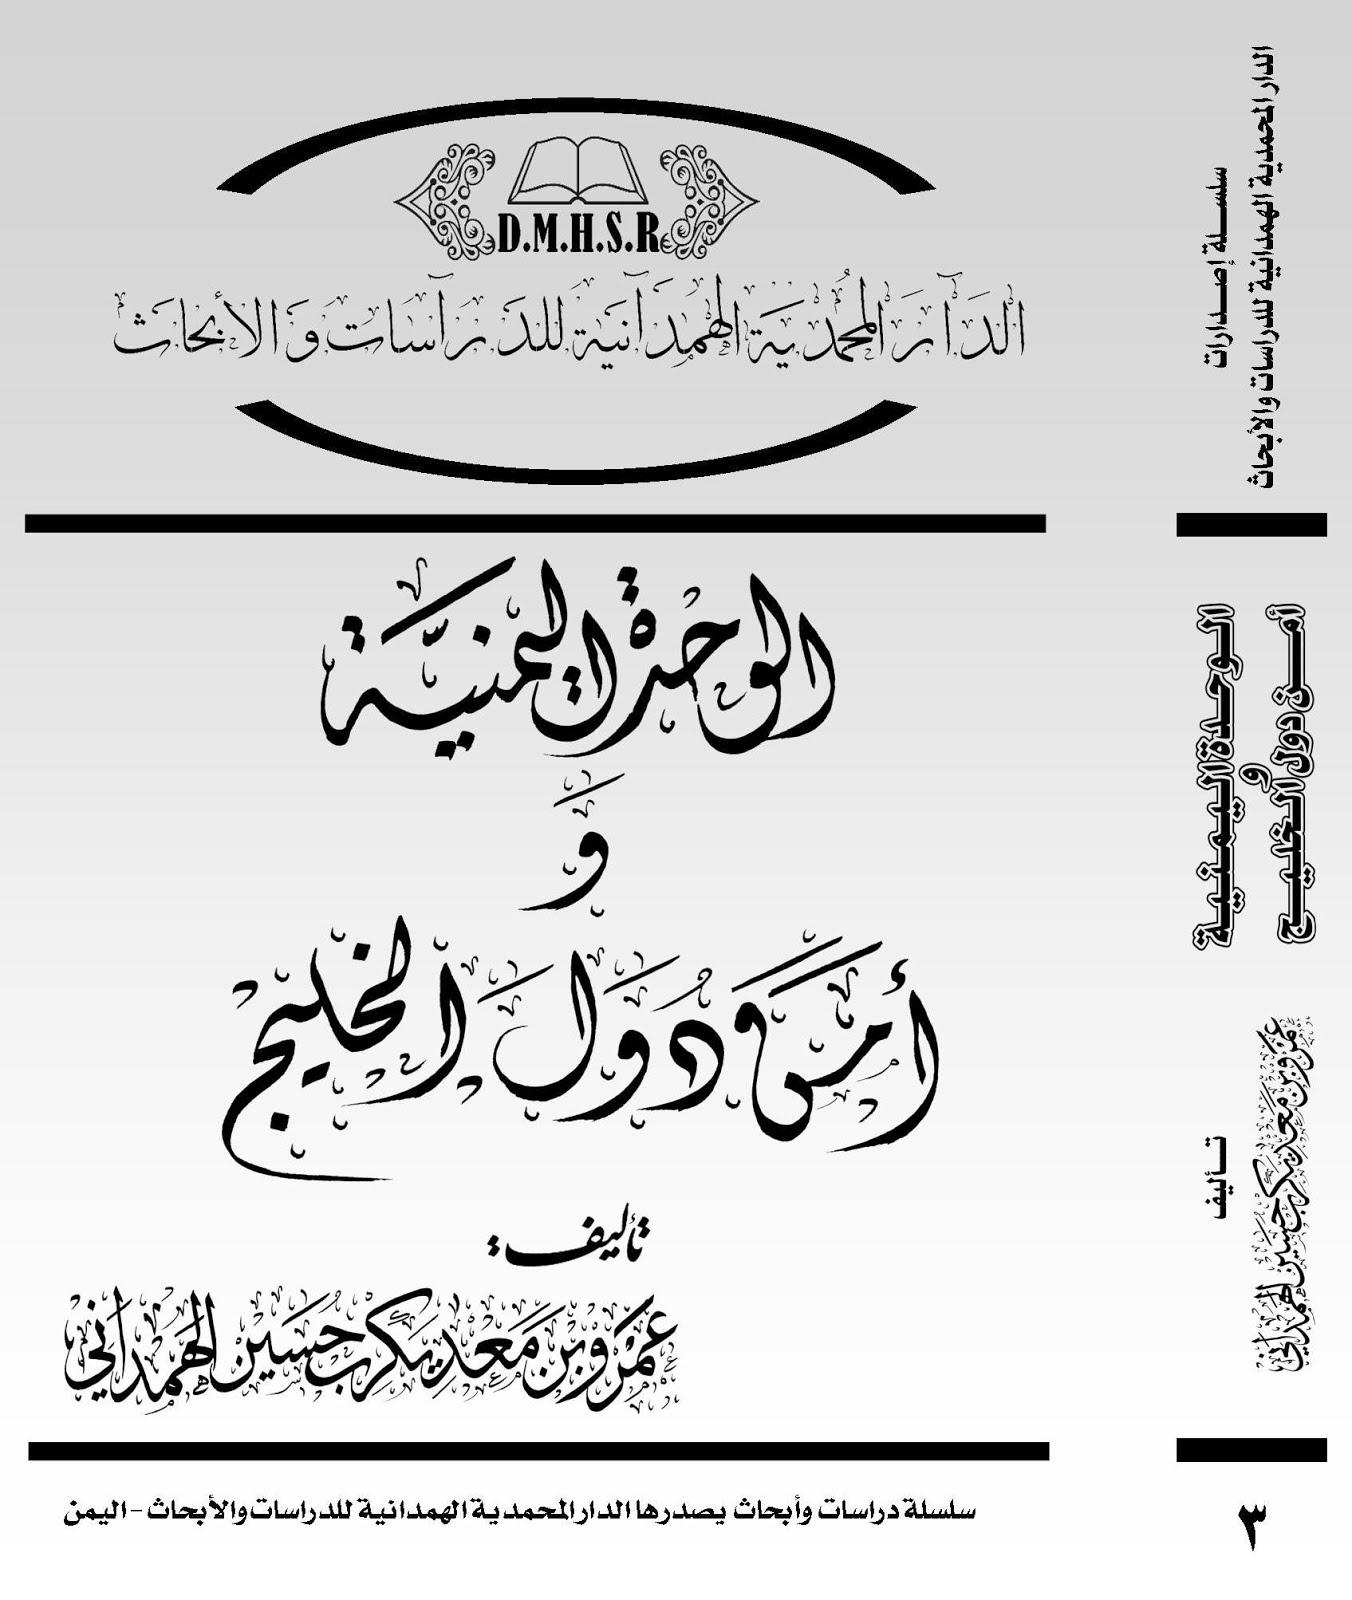 كتاب الوحدة اليمنية وأمن دول الخليج العربي